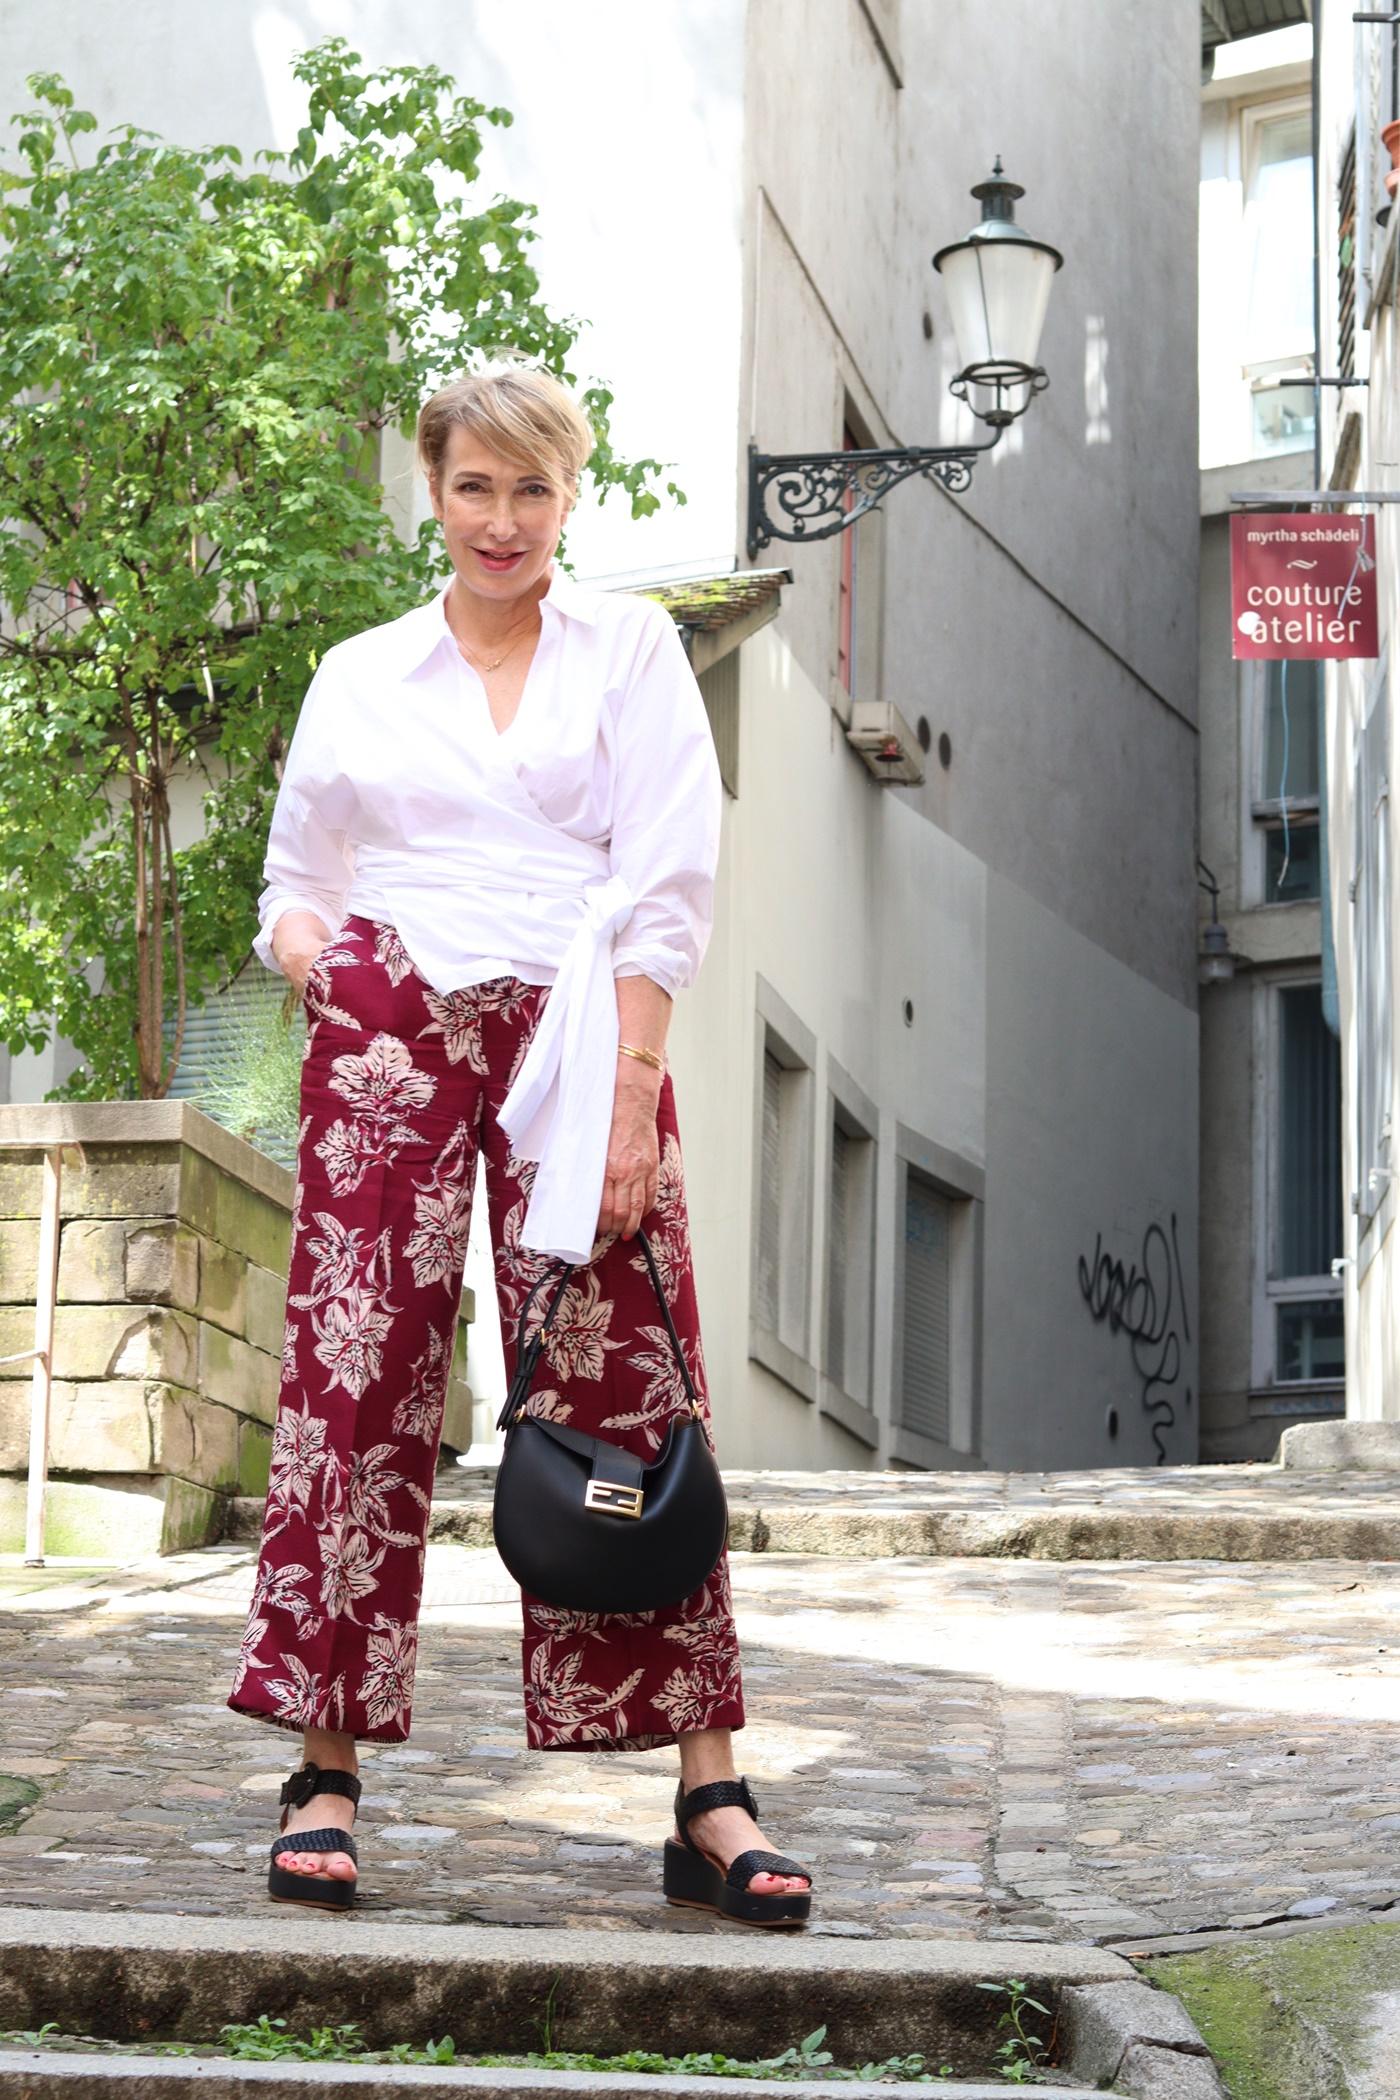 glamupyourlifestyle sale nachhaltig-shoppen dorothee-schumacher ue-40-mode ue-50-blog